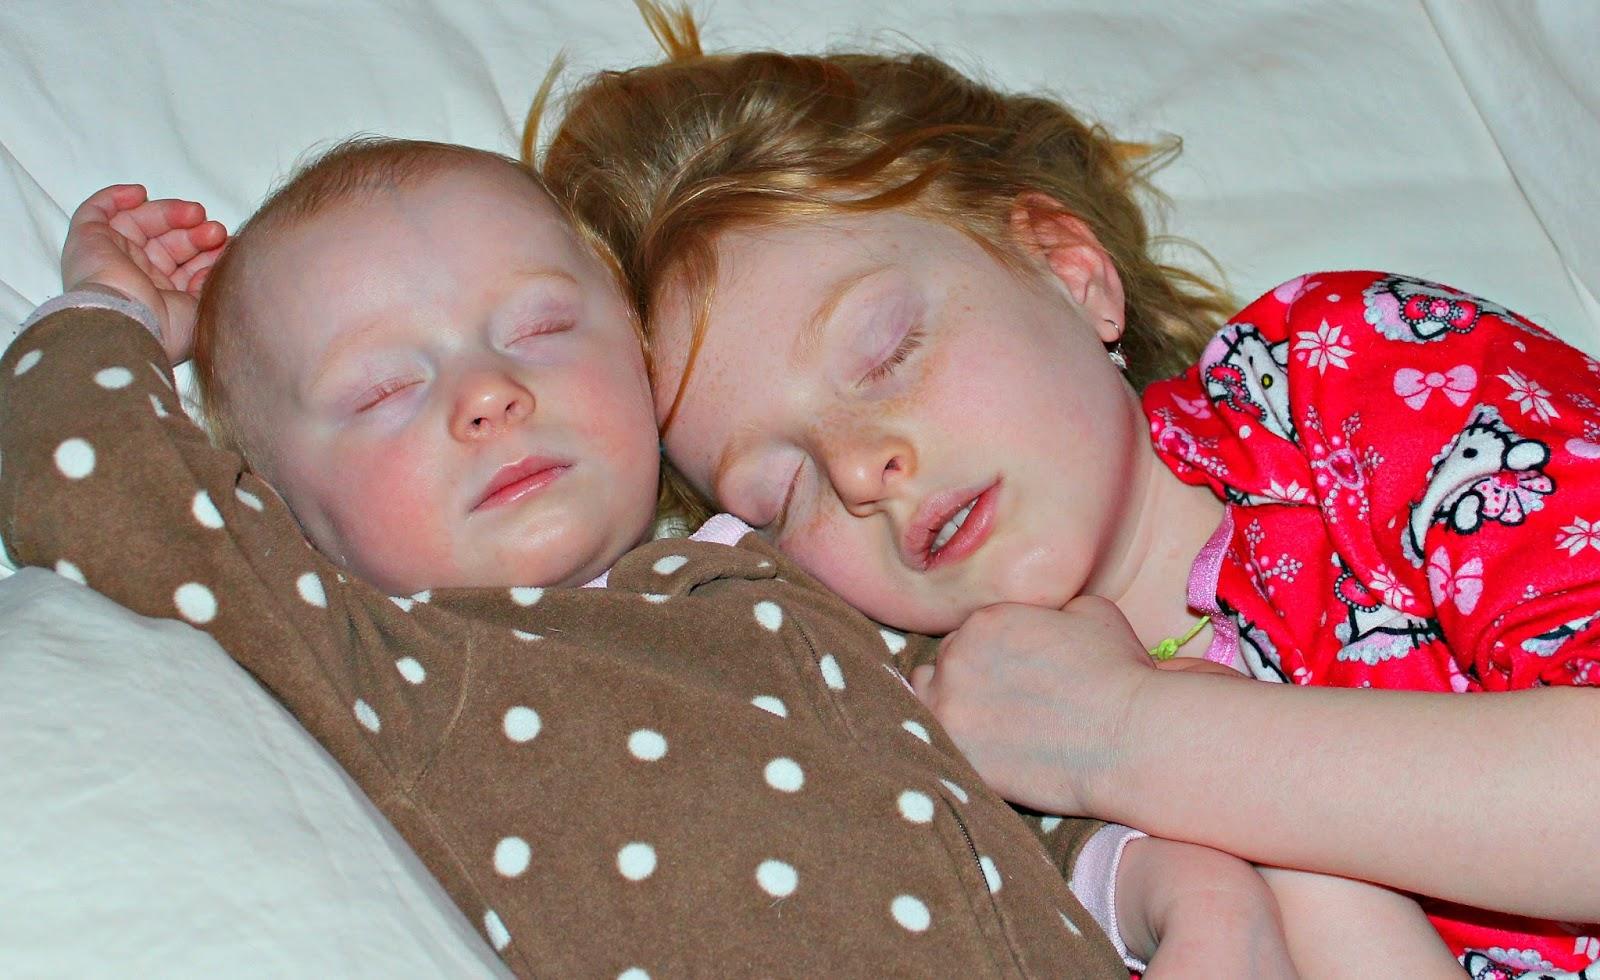 Сестра крепко спит, Брат трахнул младшую сестру пока она спит 10 фотография